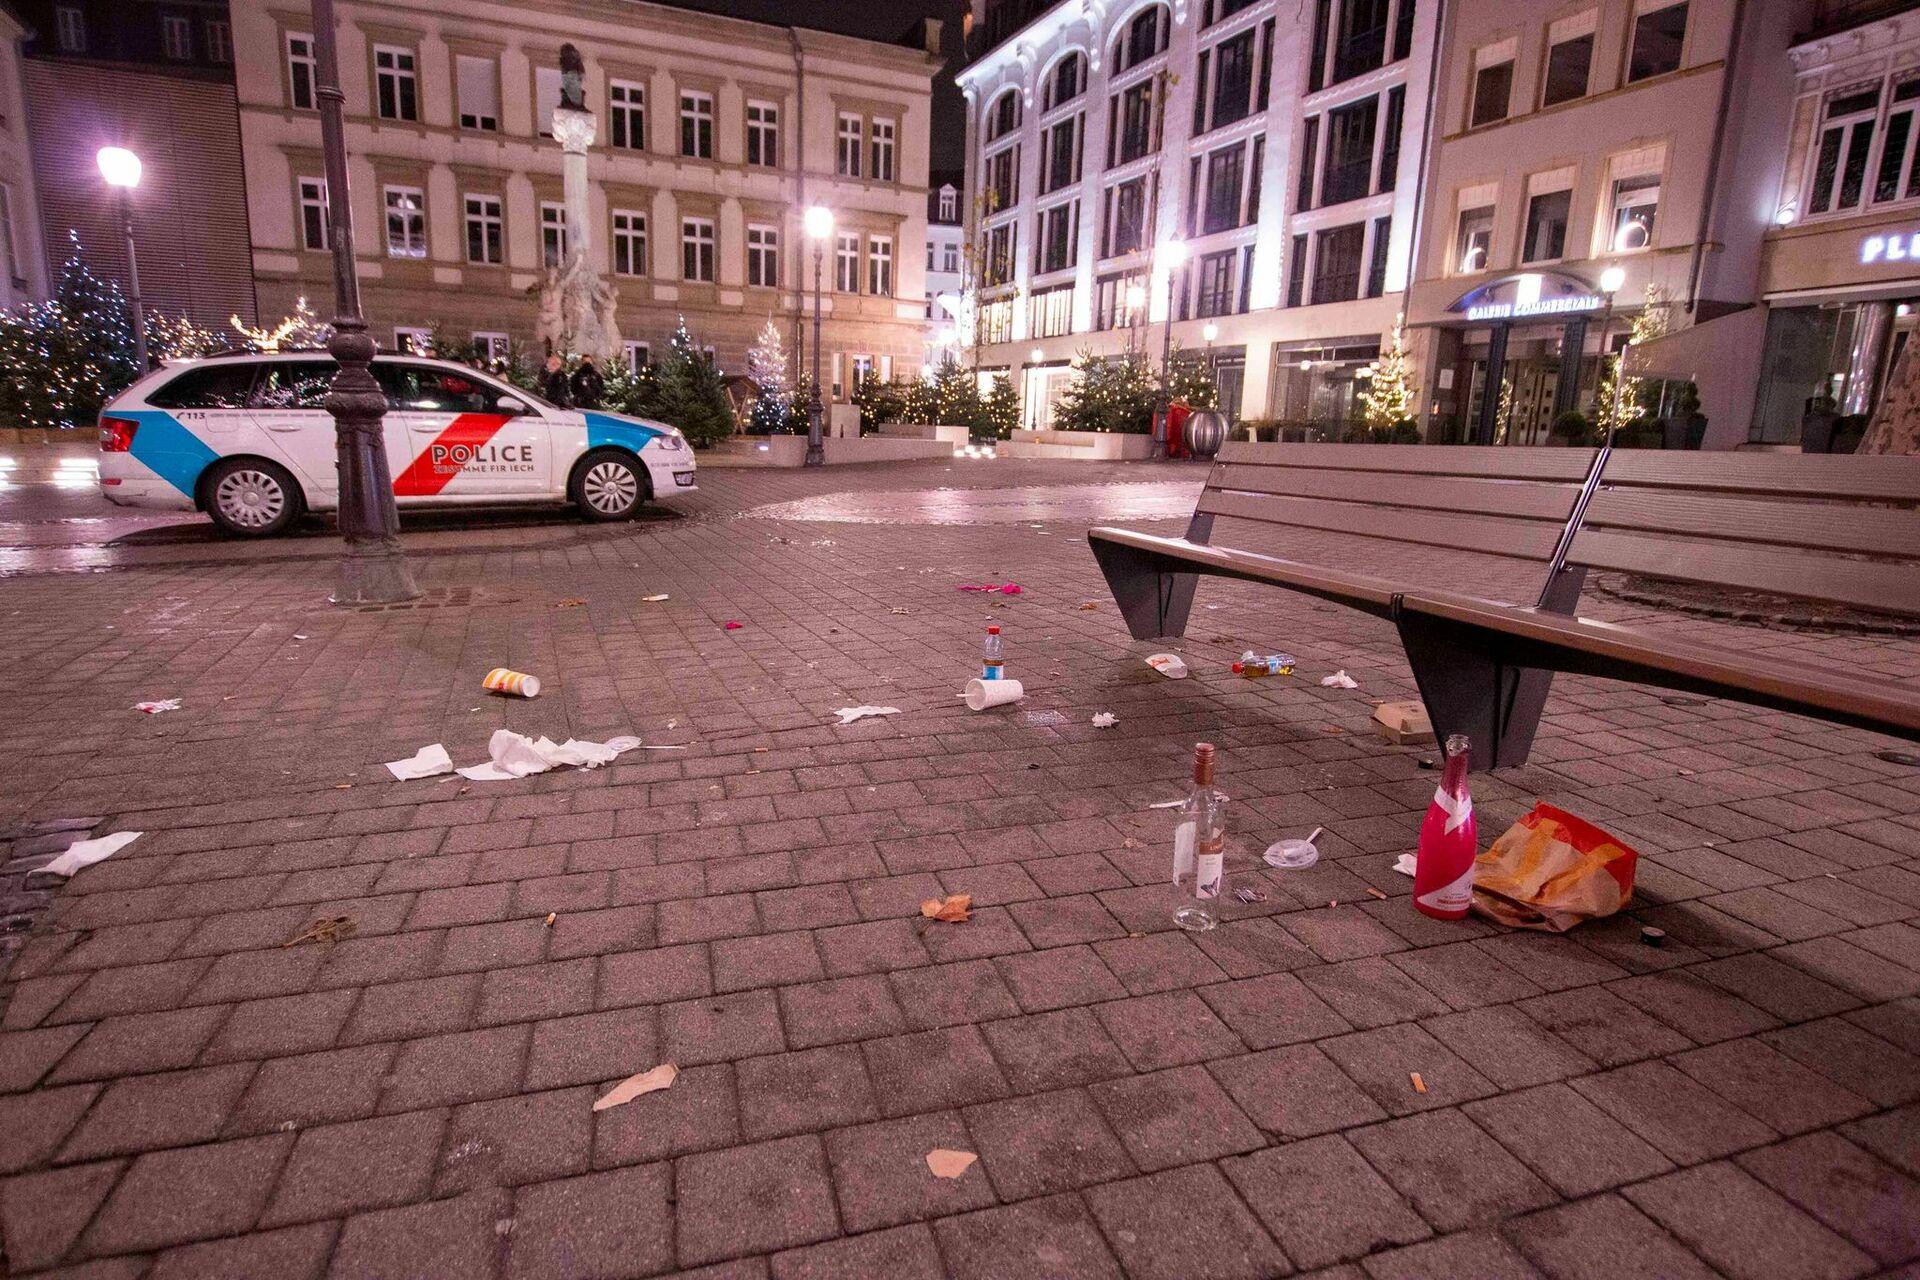 Luxembourg-ville :Pour certains, la fête continue malgré les restrictions